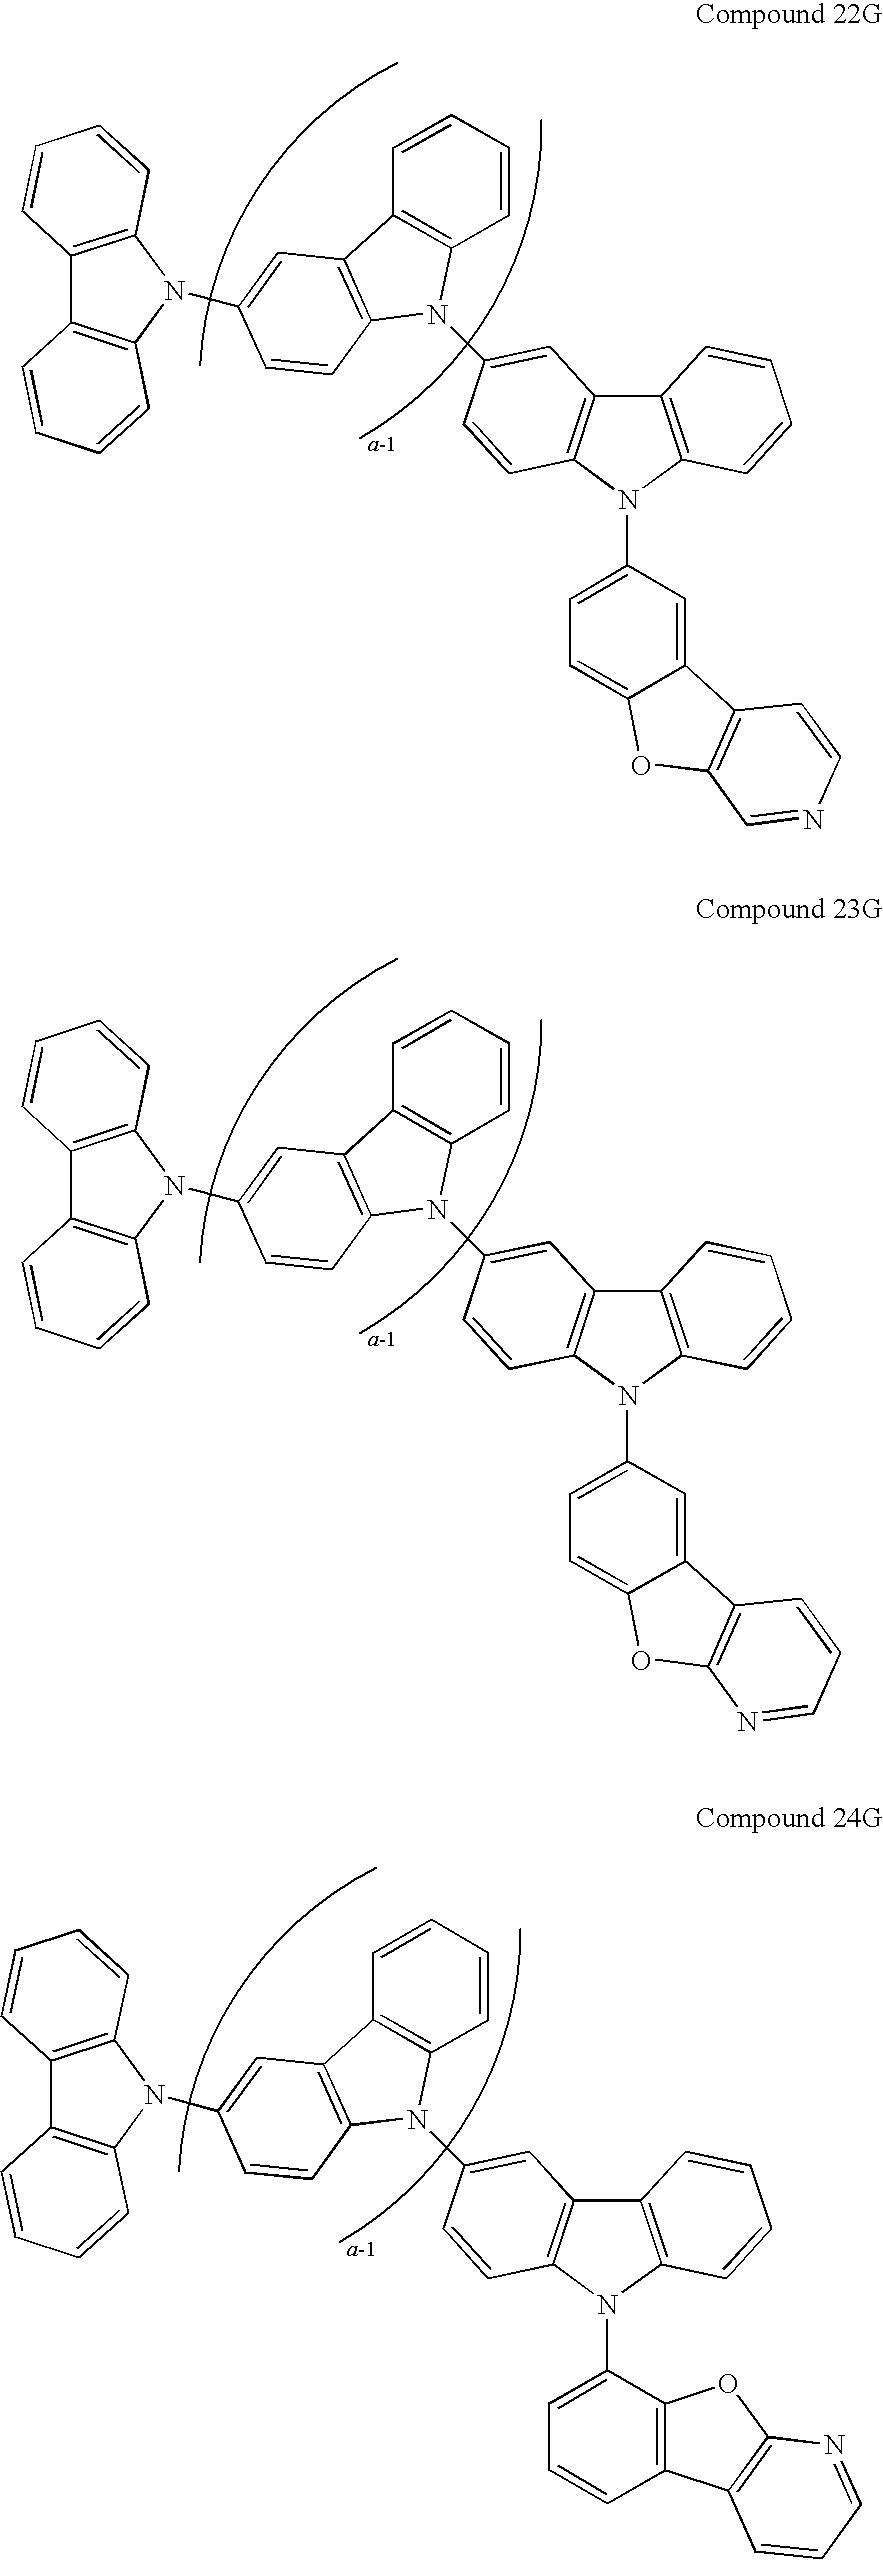 Figure US20090134784A1-20090528-C00151